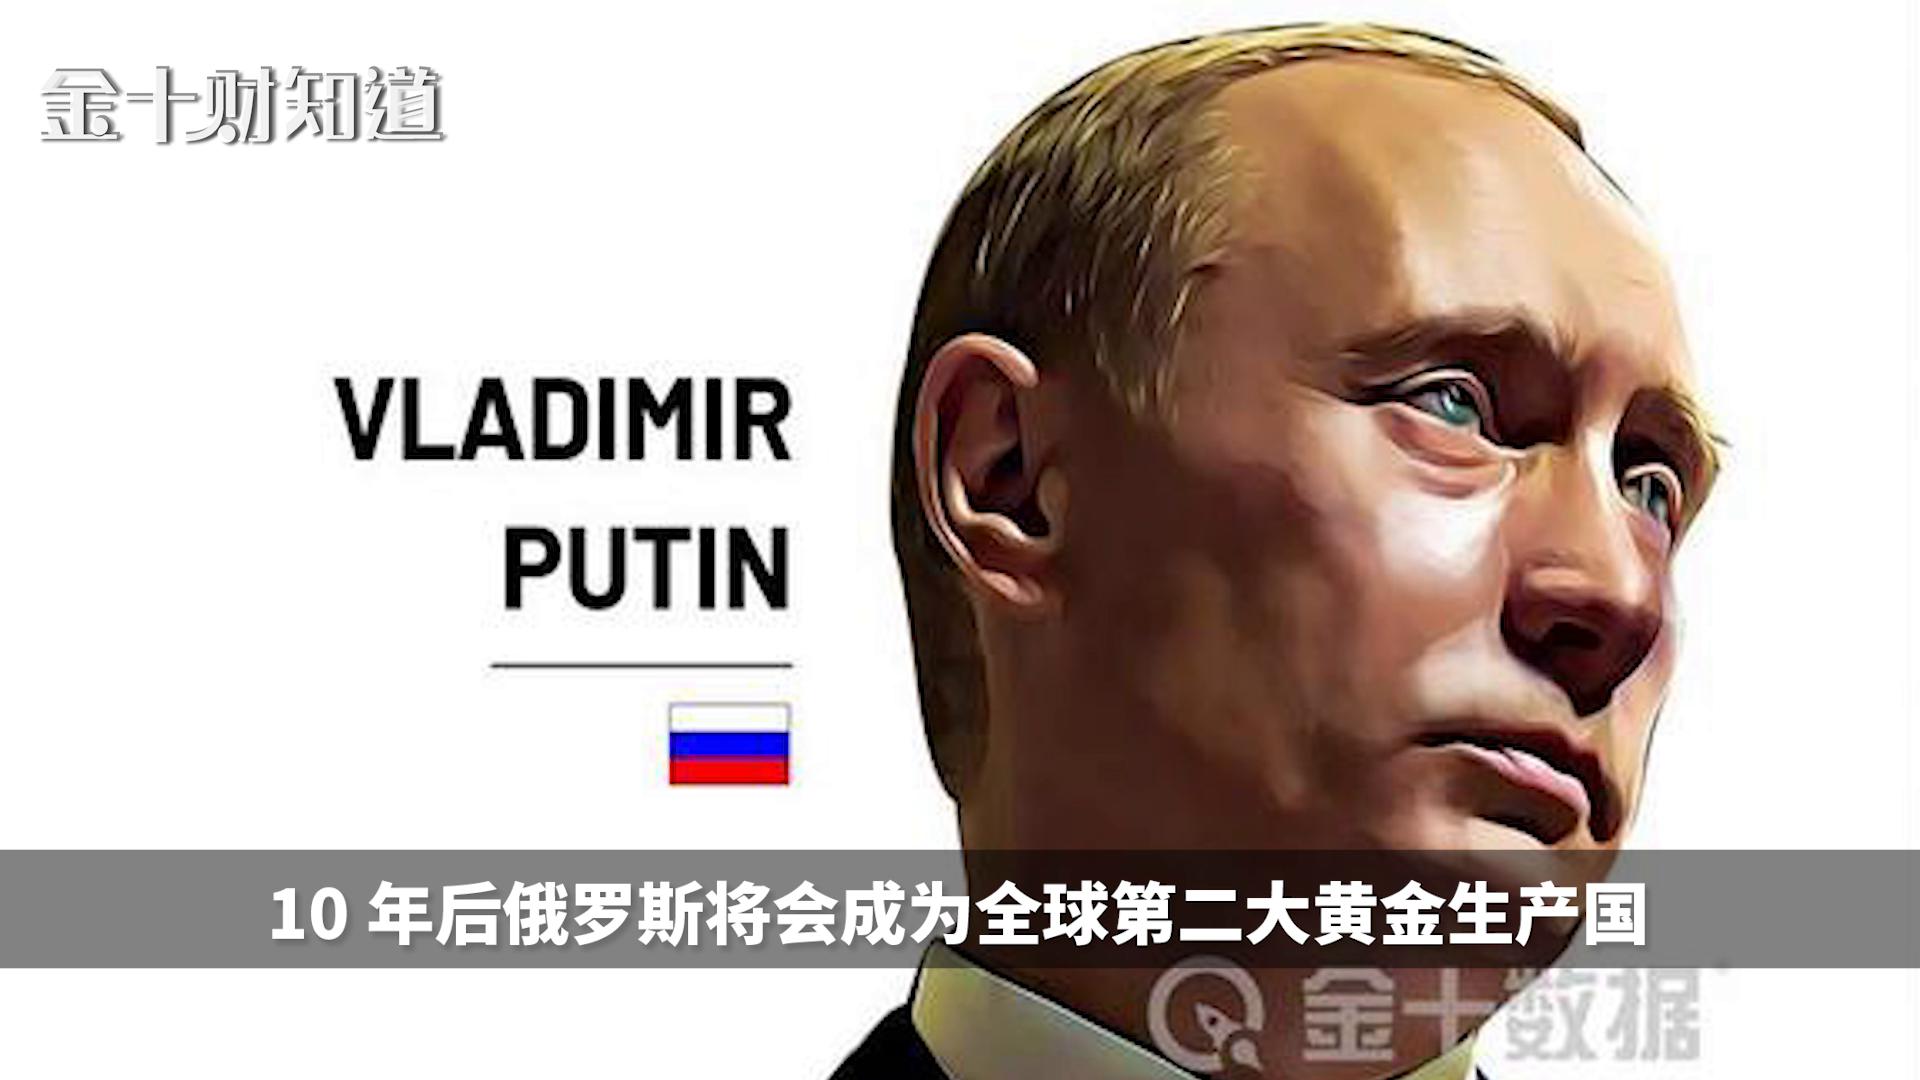 暴涨986%,俄罗斯向全球疯狂出口黄金!13国是主要市场